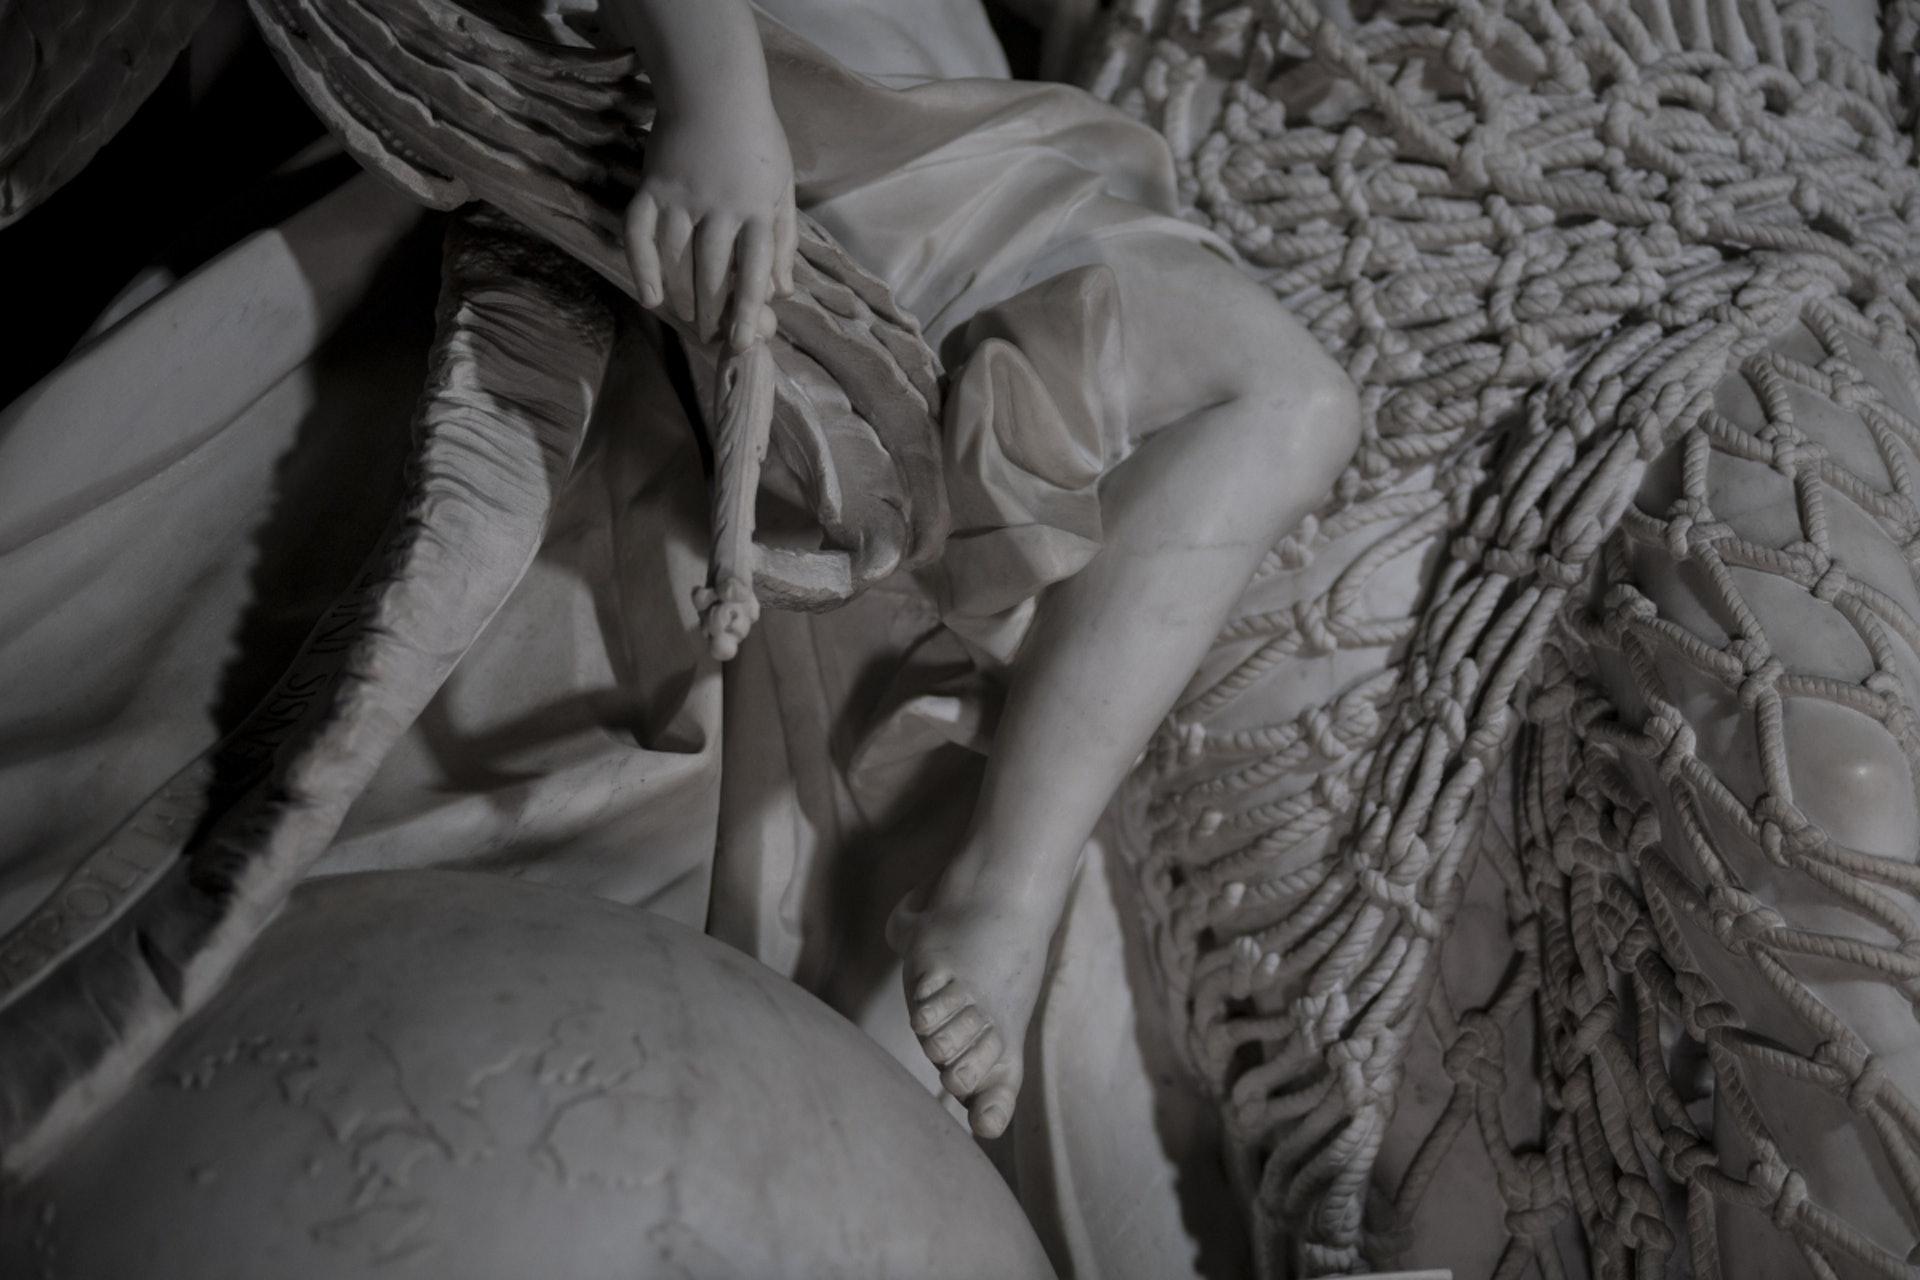 18世紀義大利熱那亞藝術家Francesco Queirolo的傑作《Il Disinganno》(從欺騙中解脫或覺醒)。(圖片擷取自︰museosansevero)